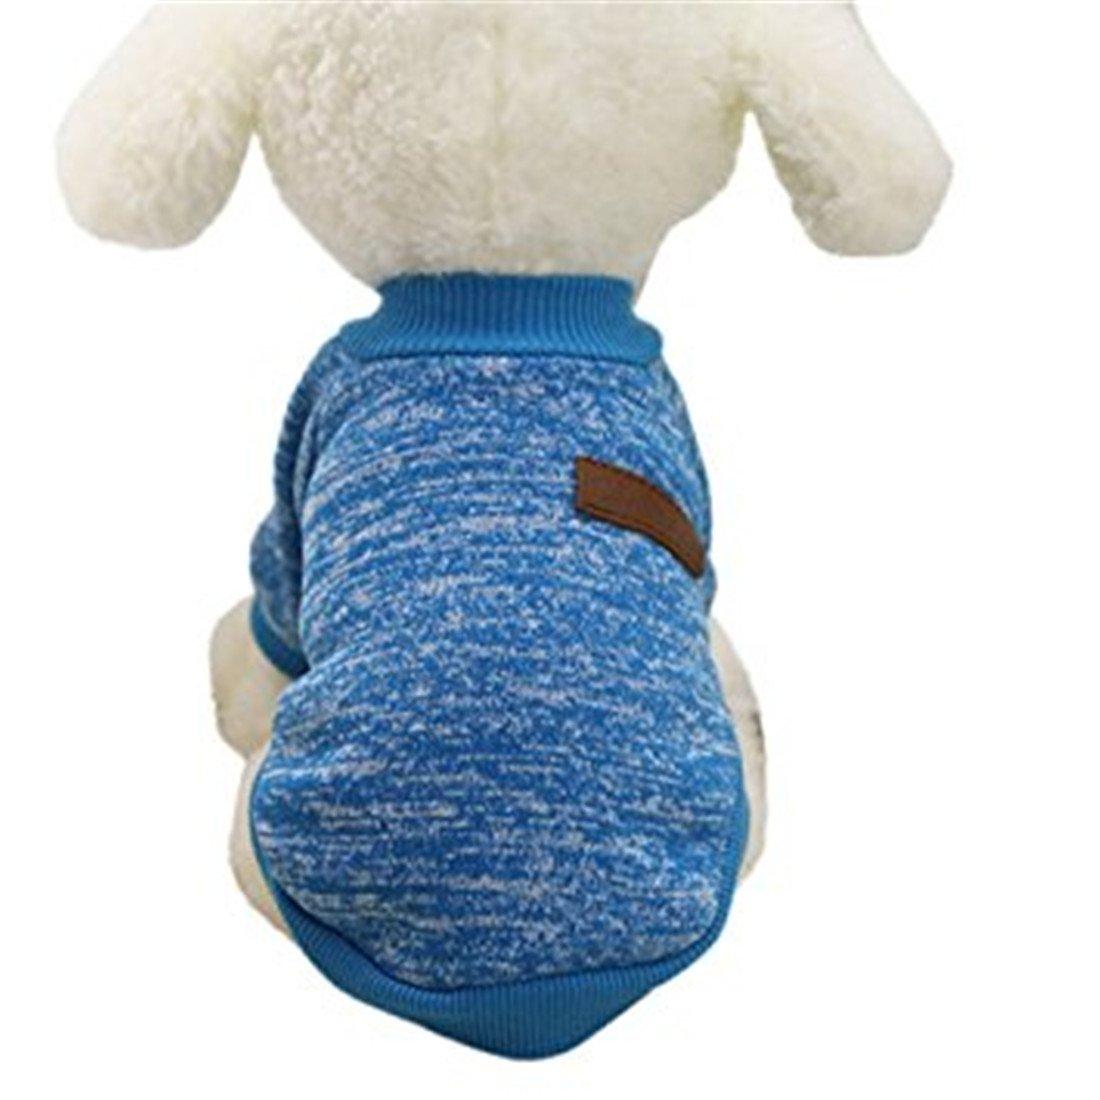 Haustierkleidung, Haustier Hund Katze Classic Sweater Pullover Kleidung Warm Sweater Winter Amonfineshop_2586